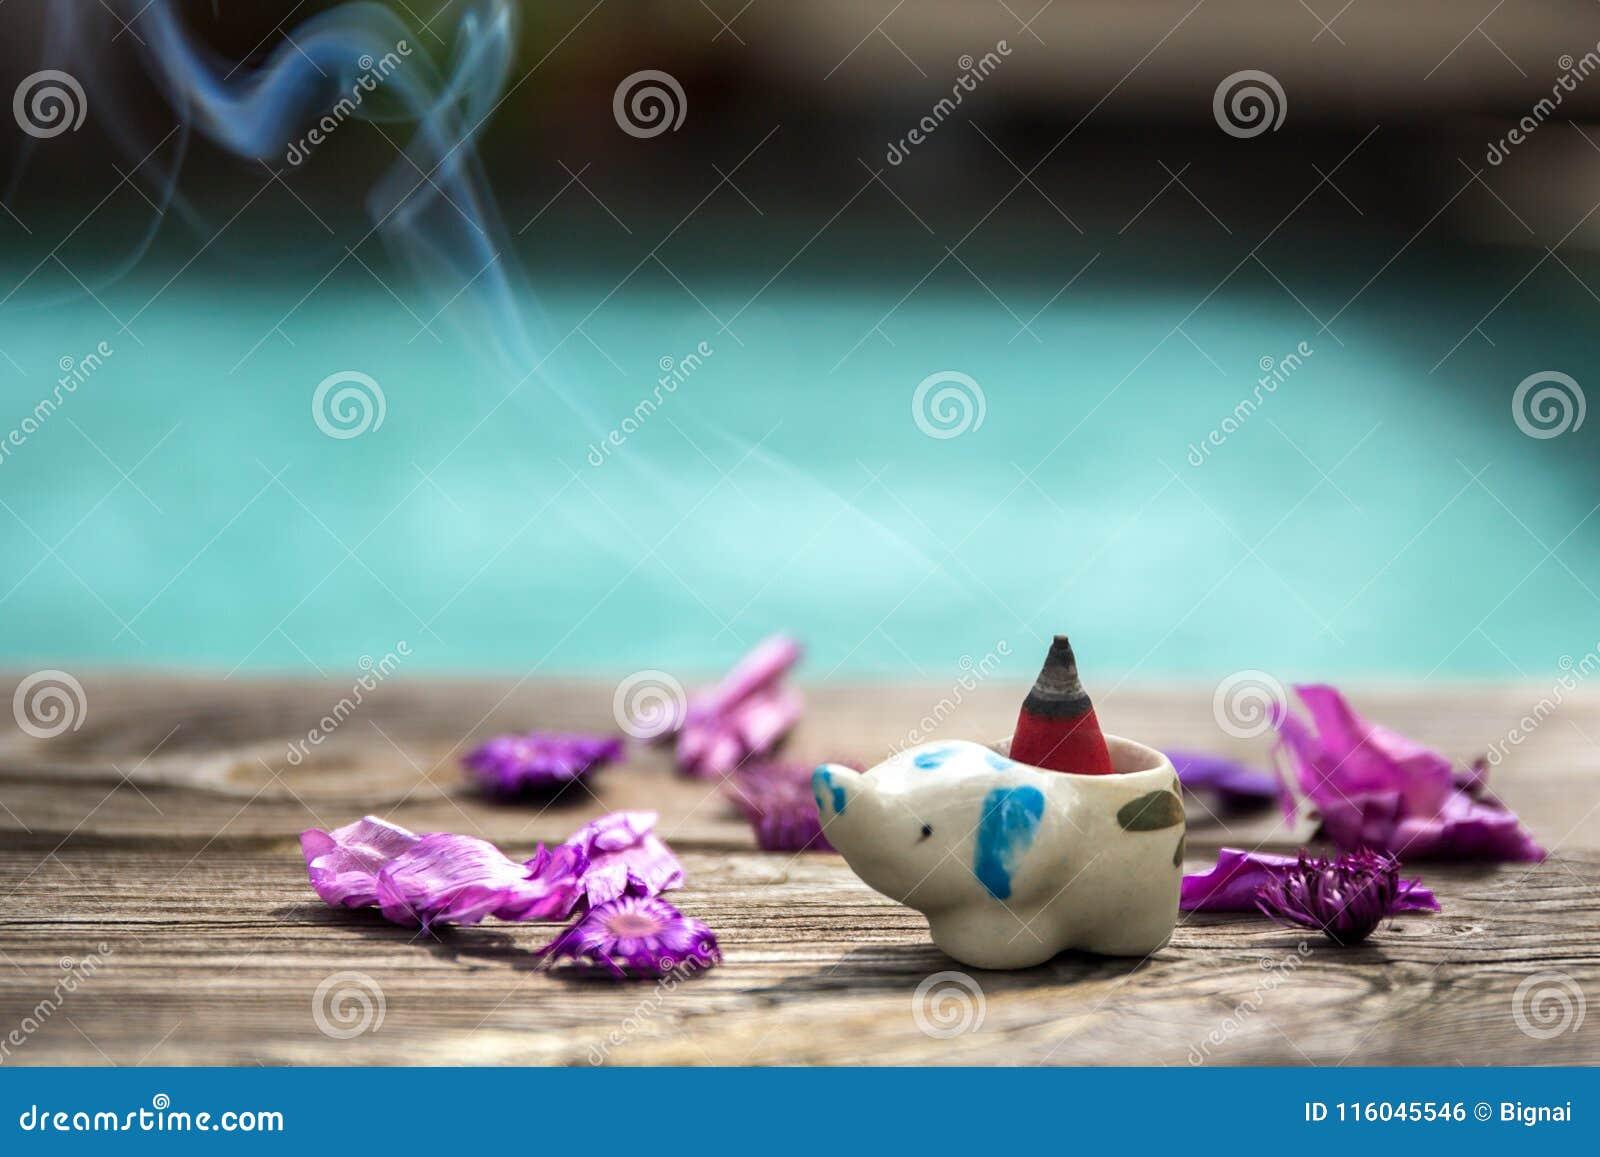 Kadzidłowy rożek lub gumowy beniamin w ceramicznym kadzidłowym palniku z suchym